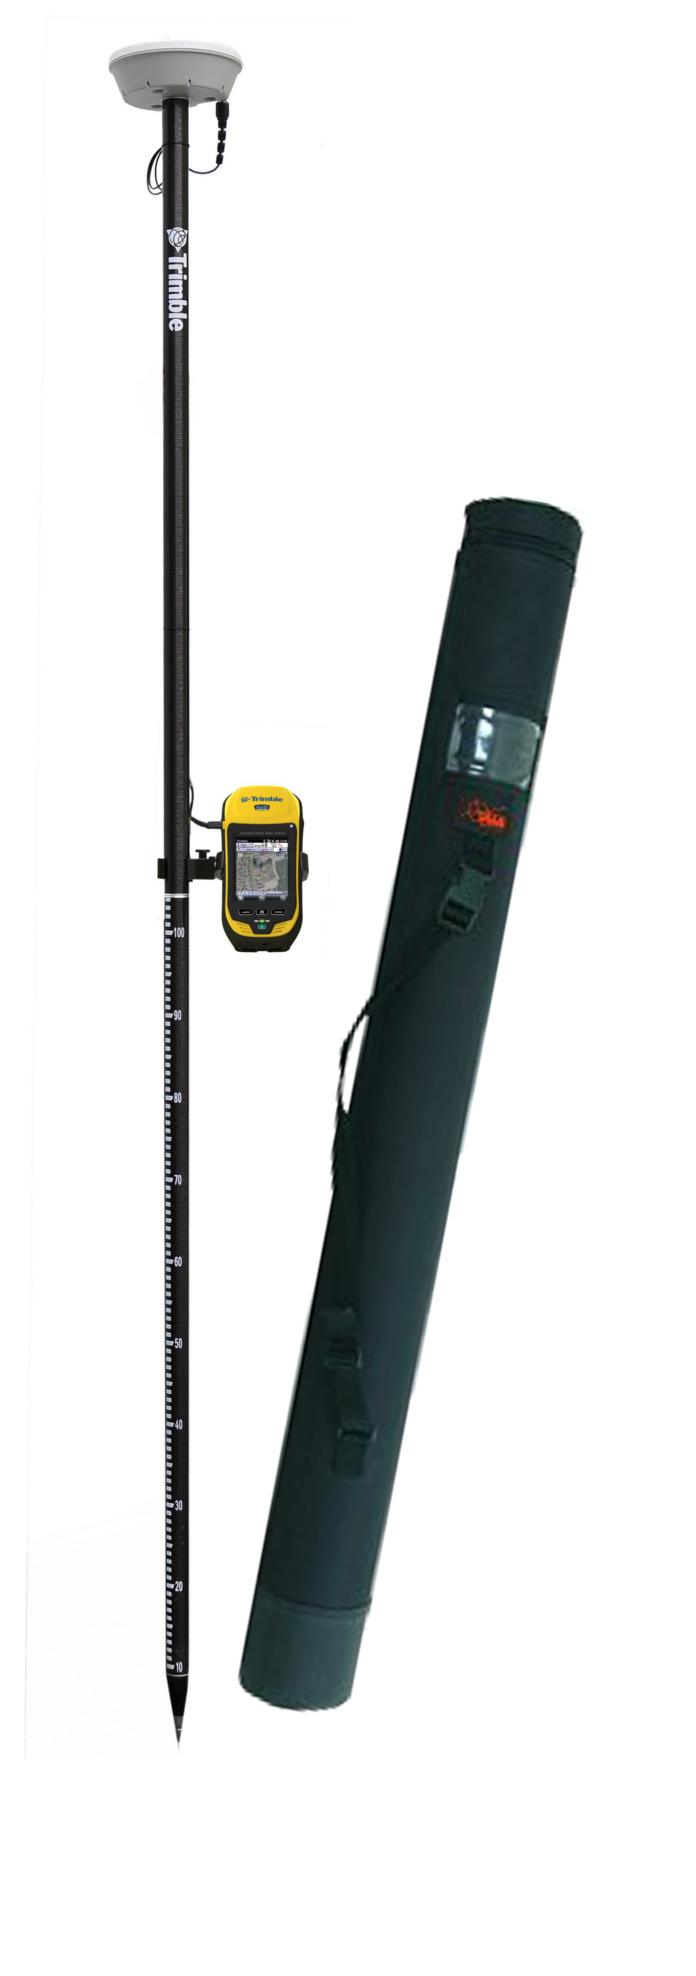 Kit antenne Zephyr2 pour GeoExplorer 6000